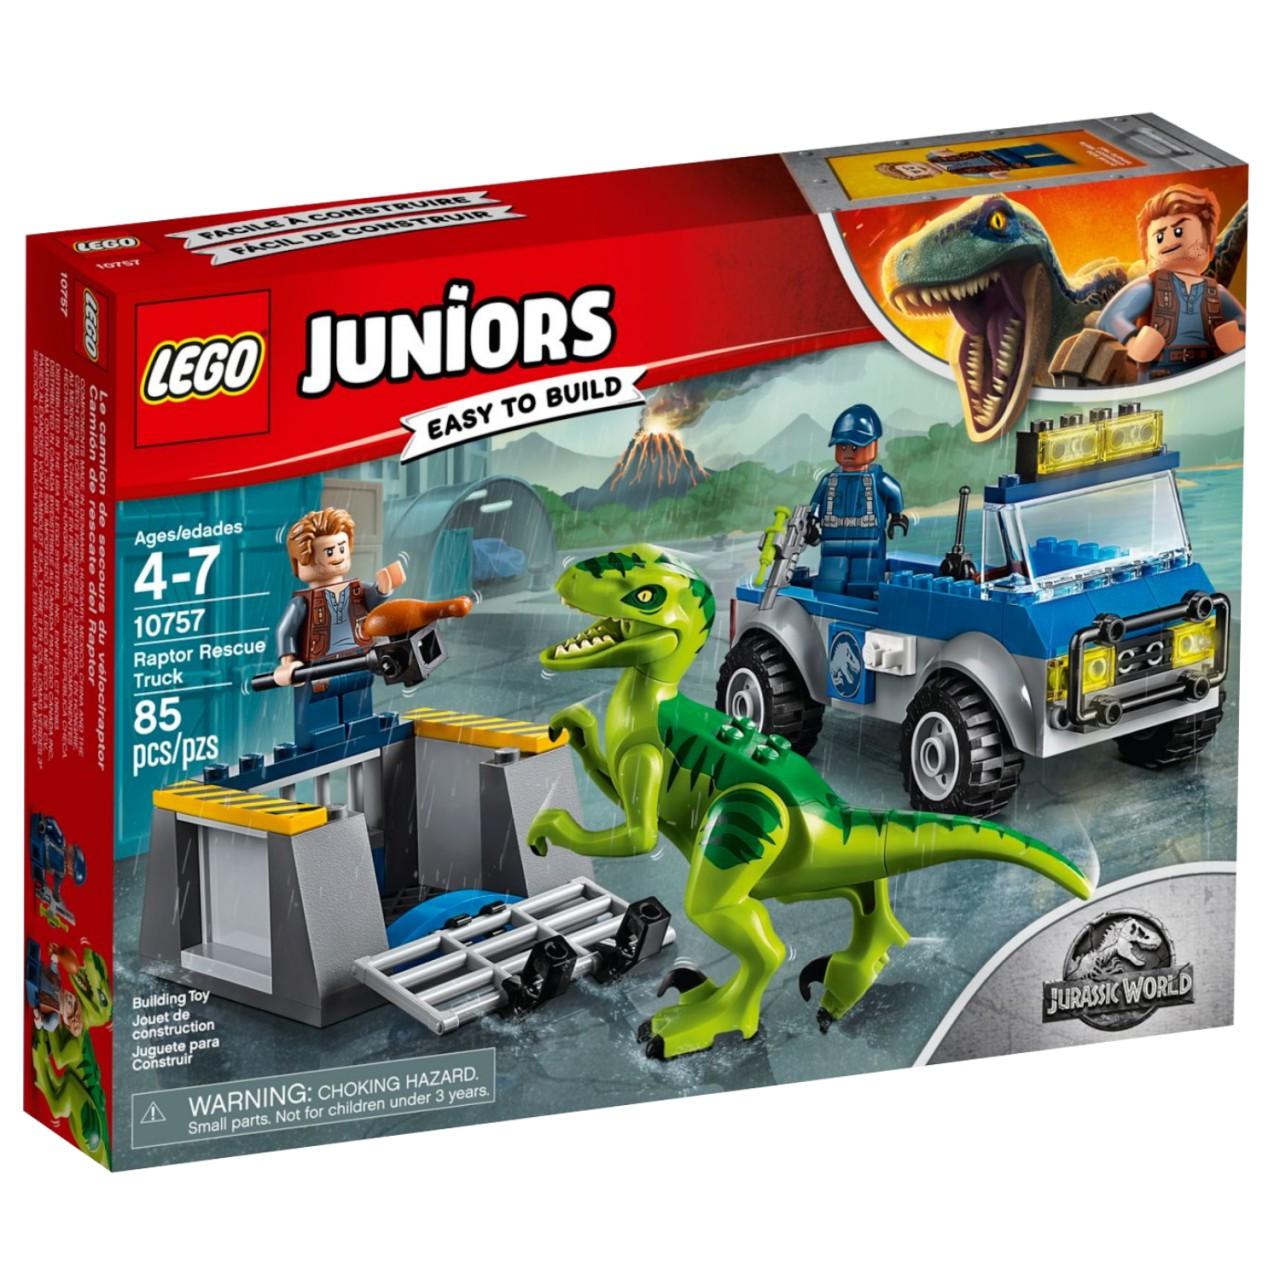 LEGO JUNIORS 10757 Rettungstruck für den Raptor